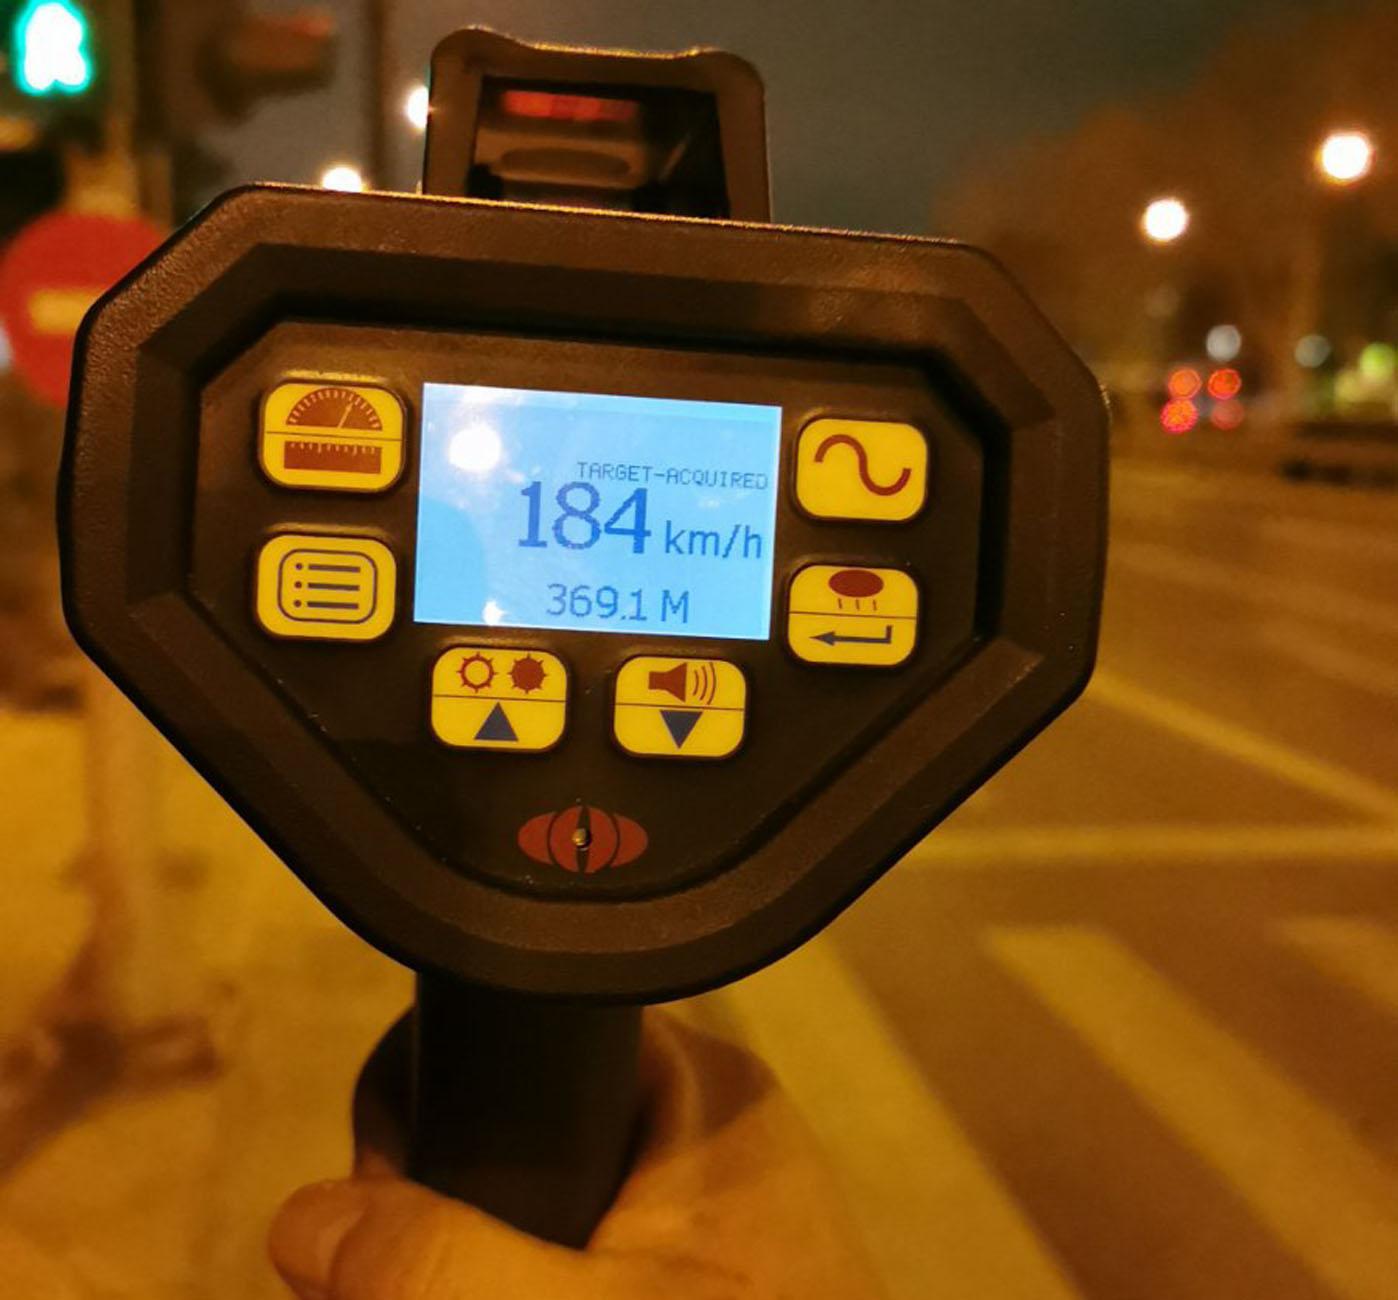 Τροχαία: Πρόστιμα σε «γκαζιάρηδες» σε κεντρικές λεωφόρους στην Αττική – Ταχύτητες ακόμη και 184 χλμ